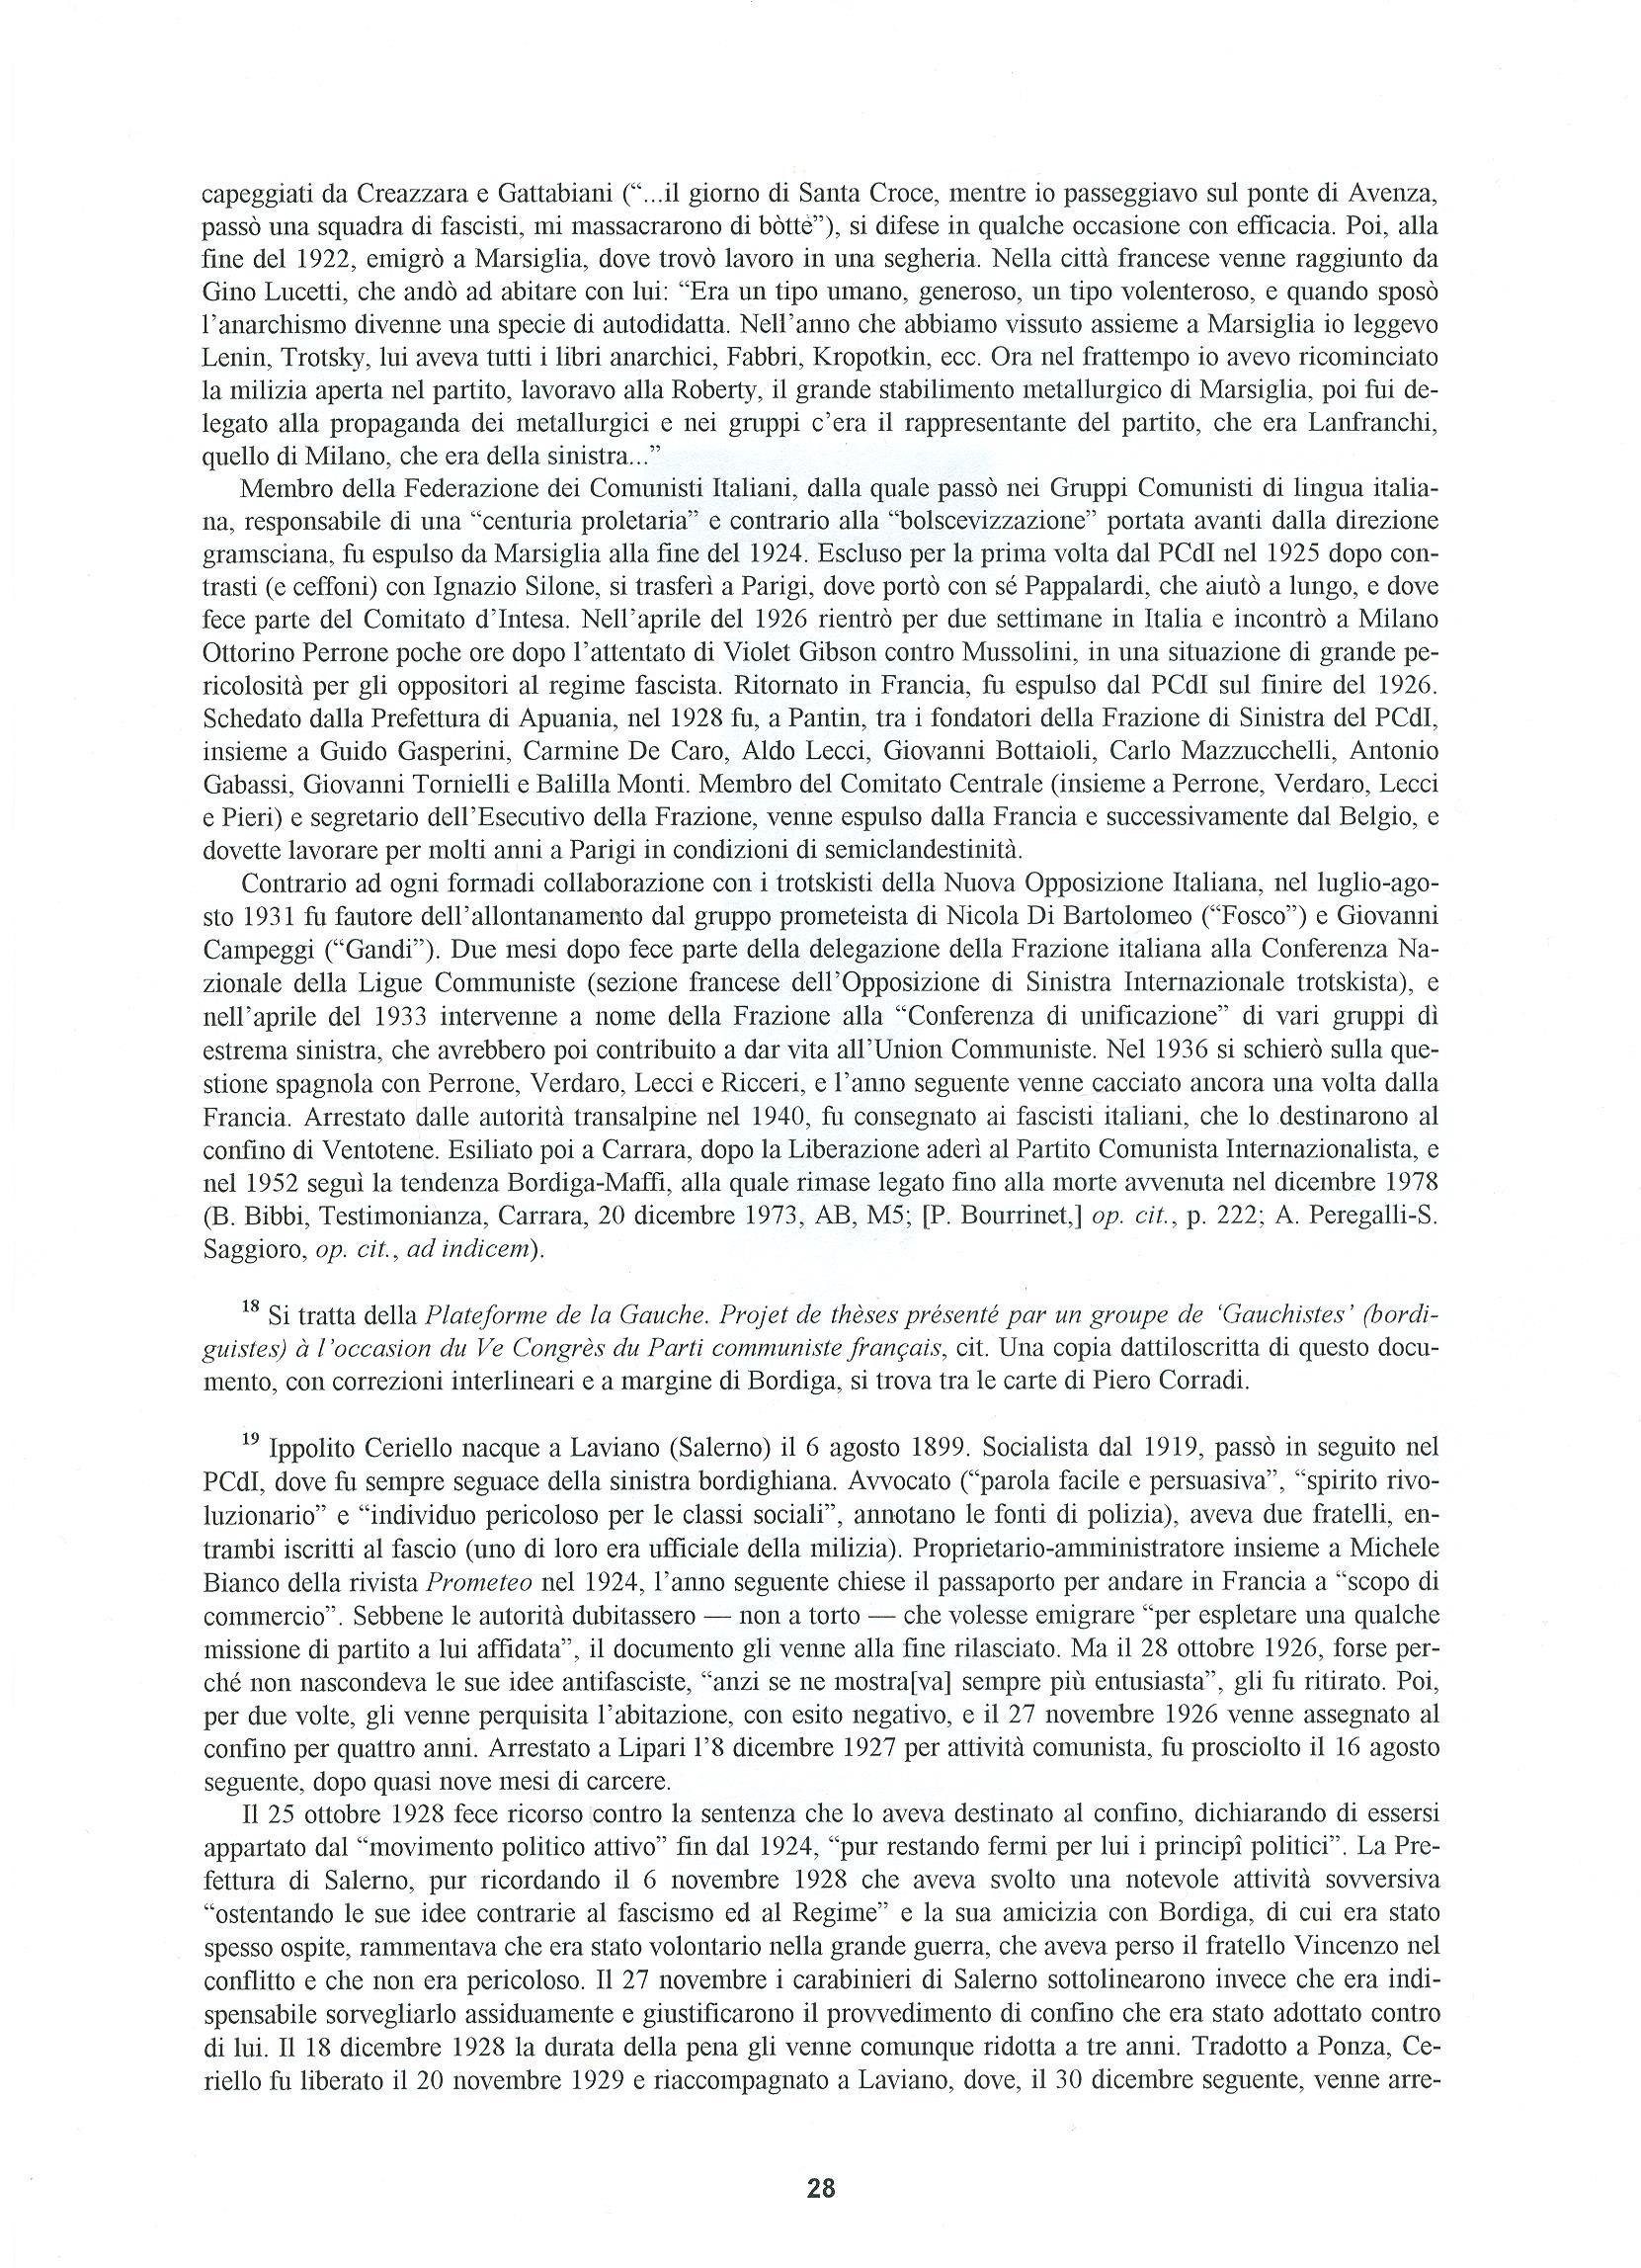 Quaderni del Centro Studi Pietro Tresso (1996-2009) n. 14 (novembre 1998) - pag. 29